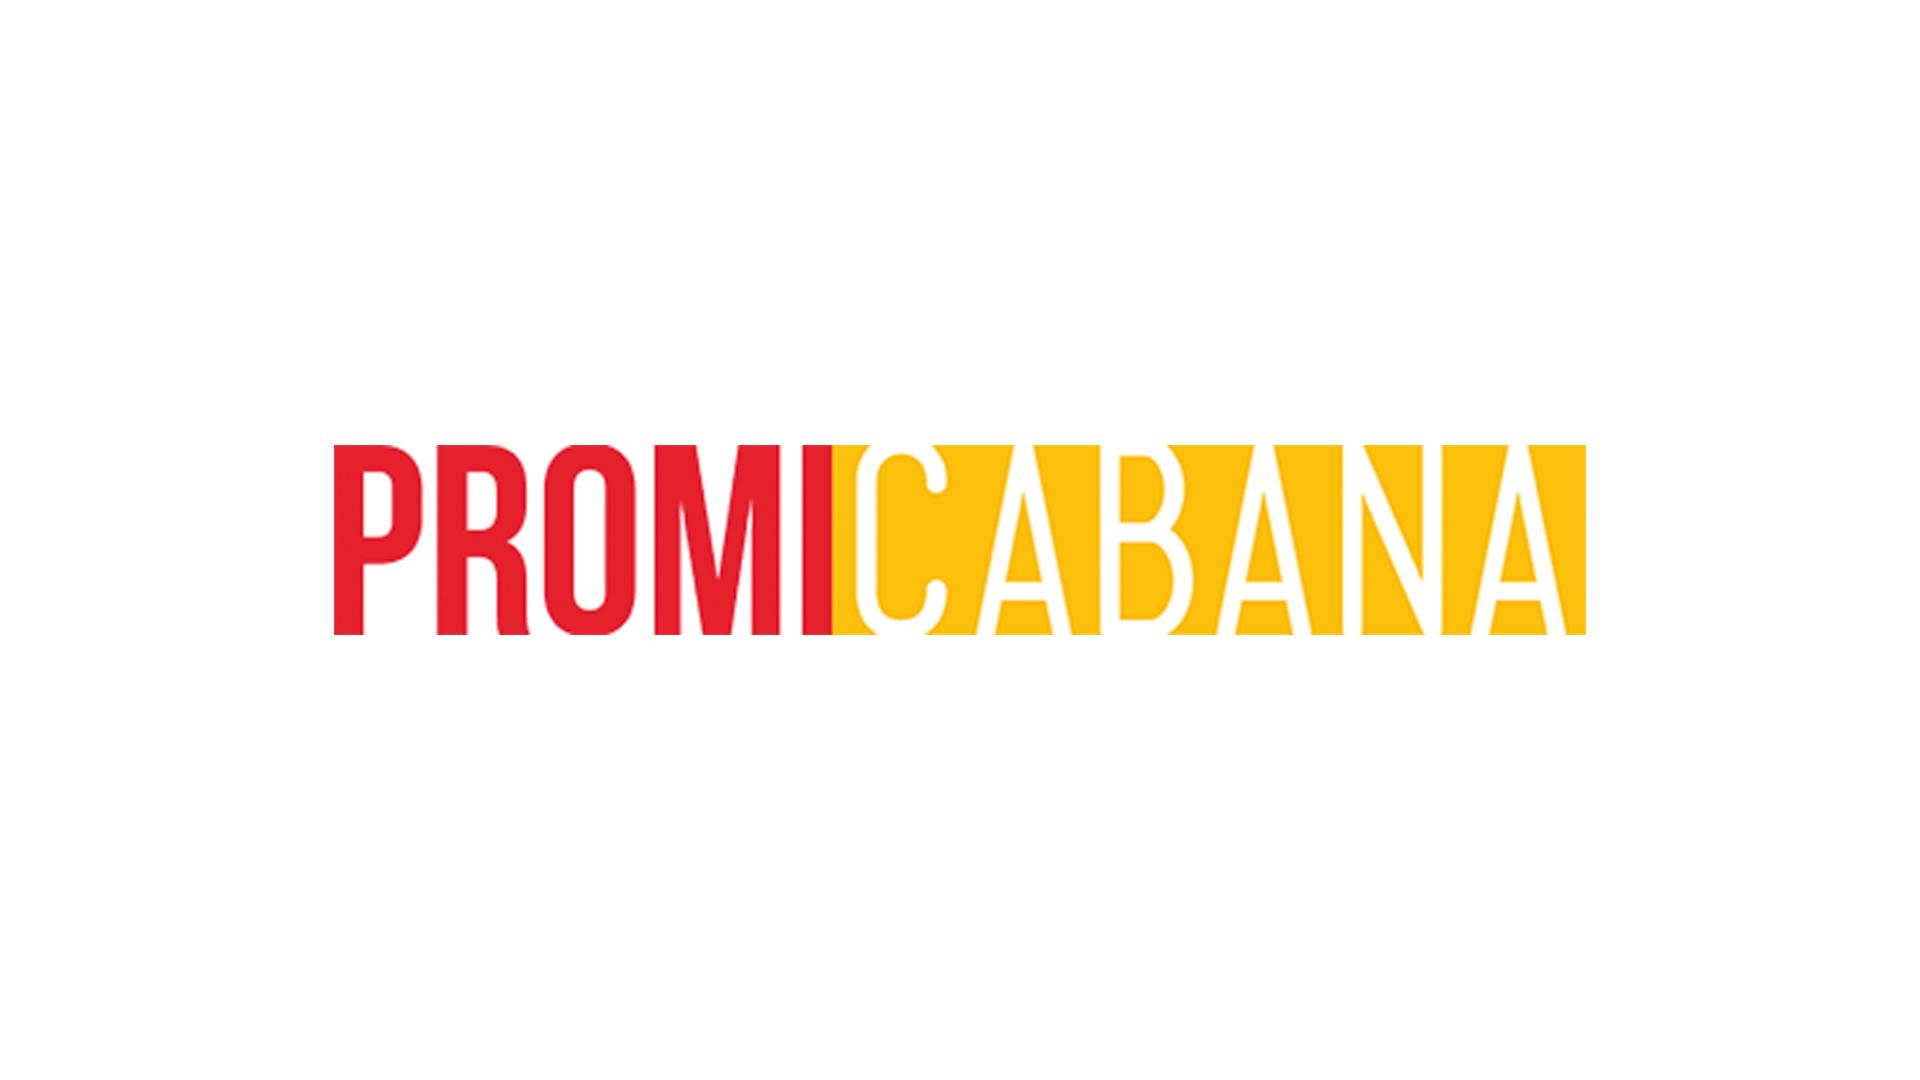 Ian-Somerhalder-Nina-Dobrev-Vampire-Diaries-Comic-Con-2013